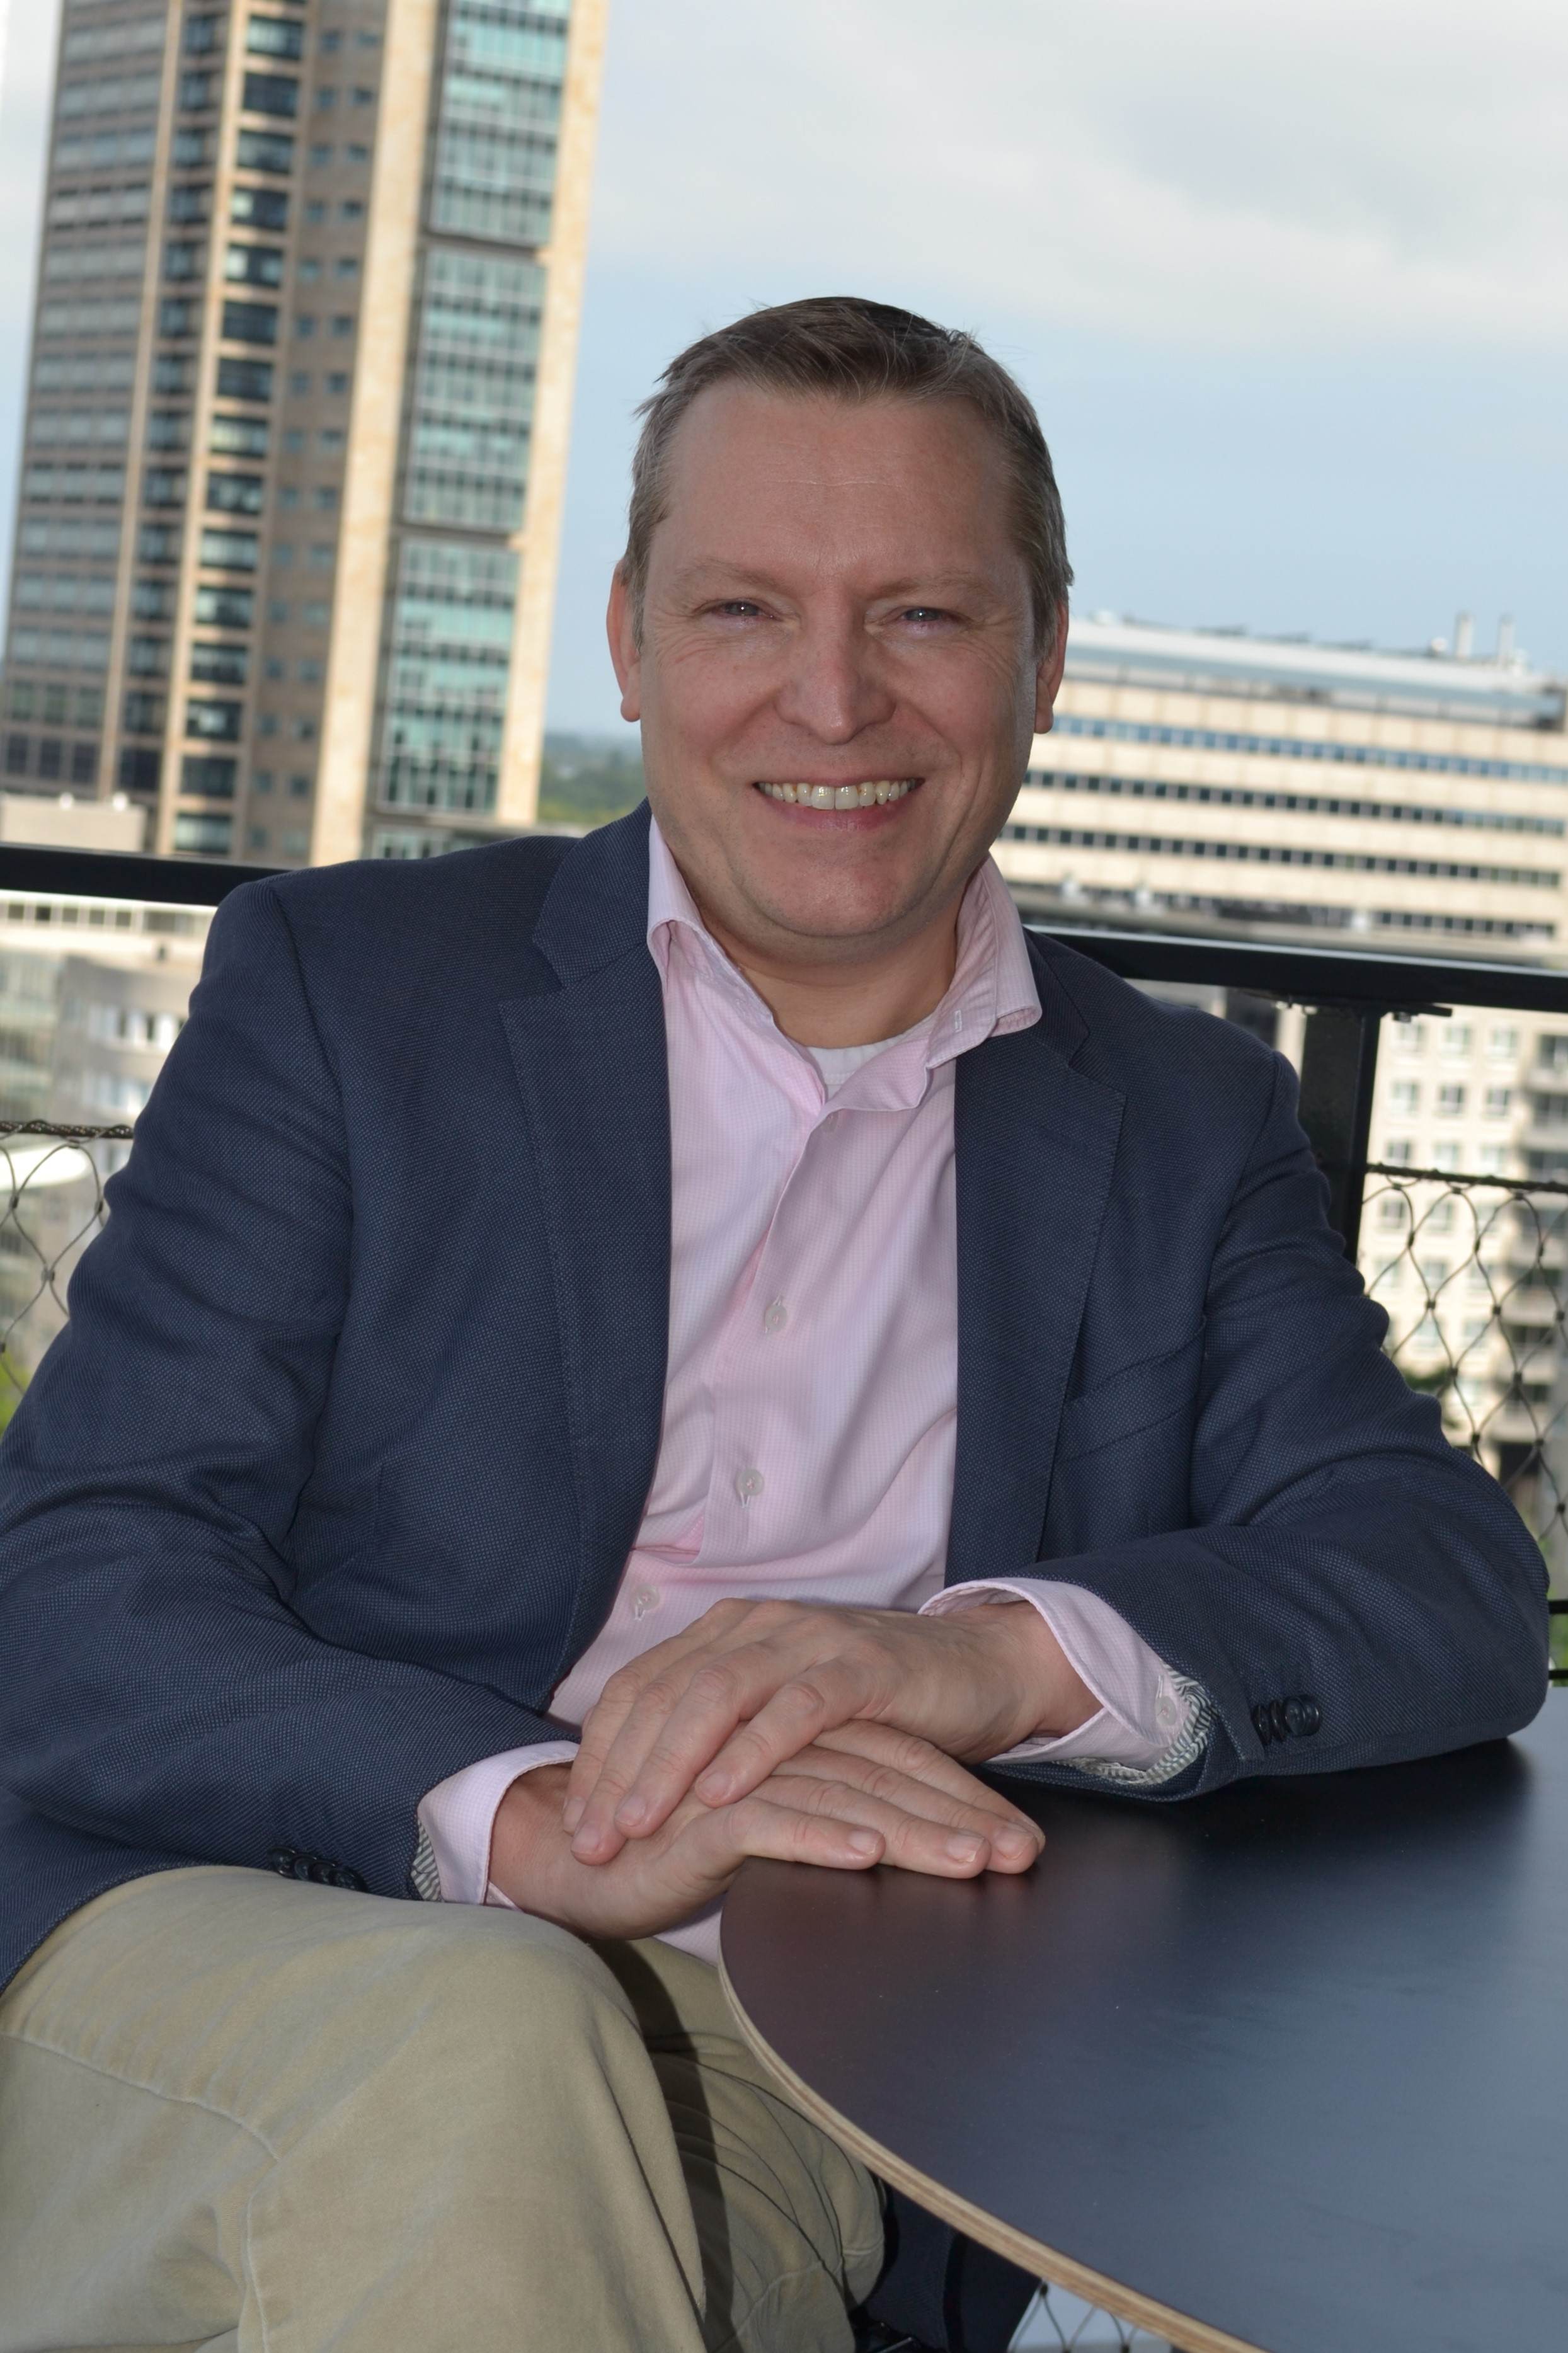 David van den Berg